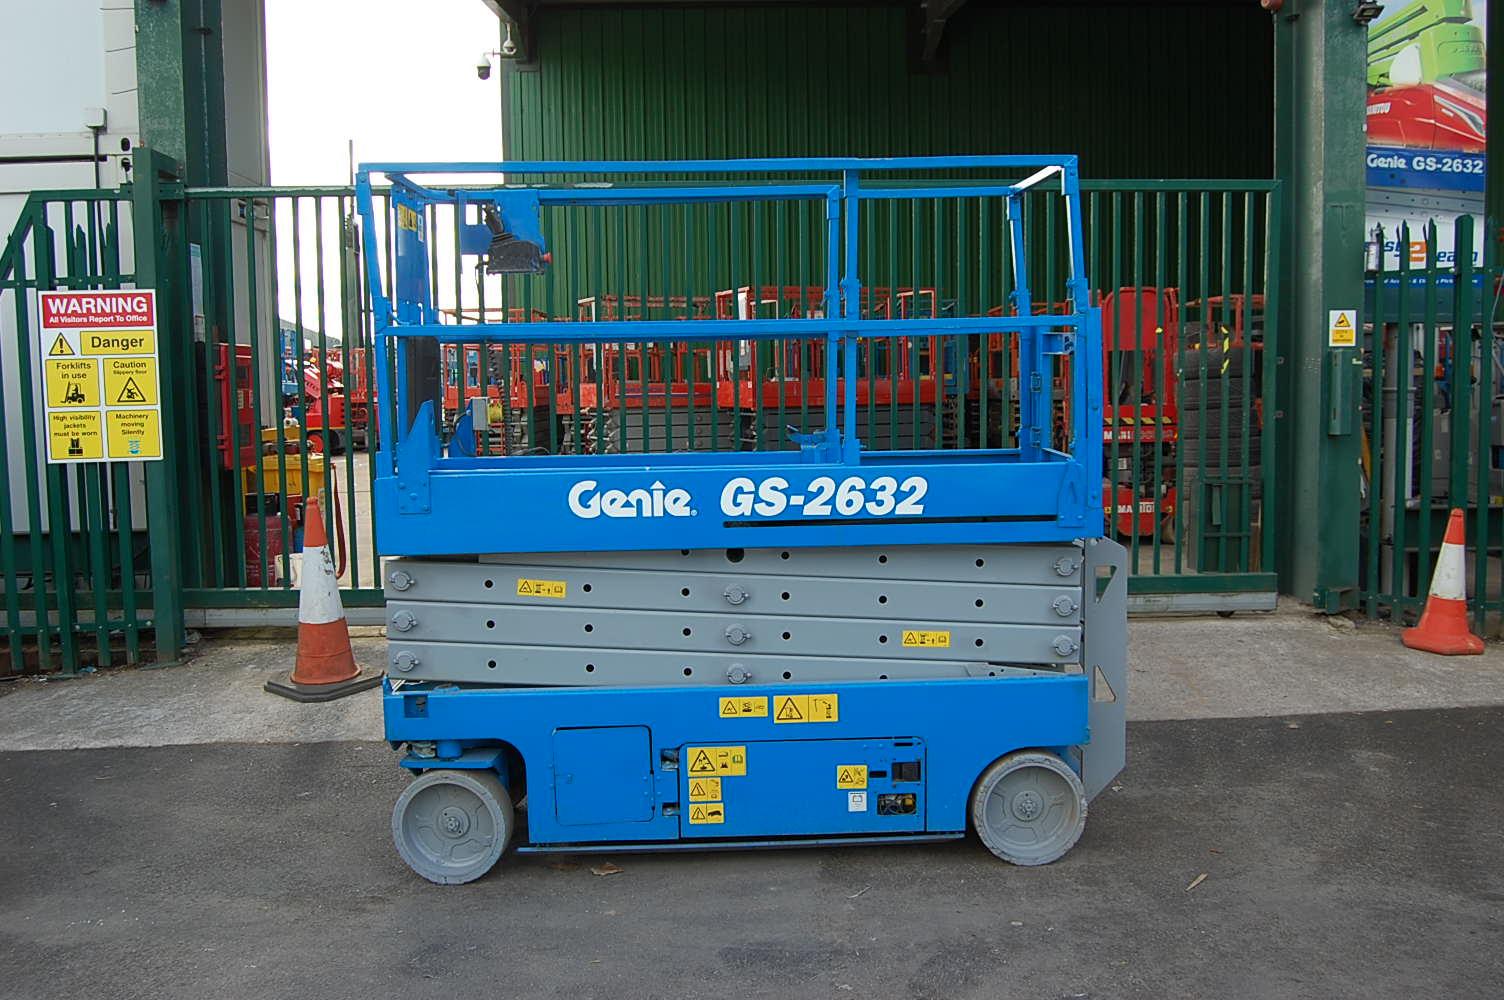 2009 Genie 2632 Electric Scissor Lift 10m